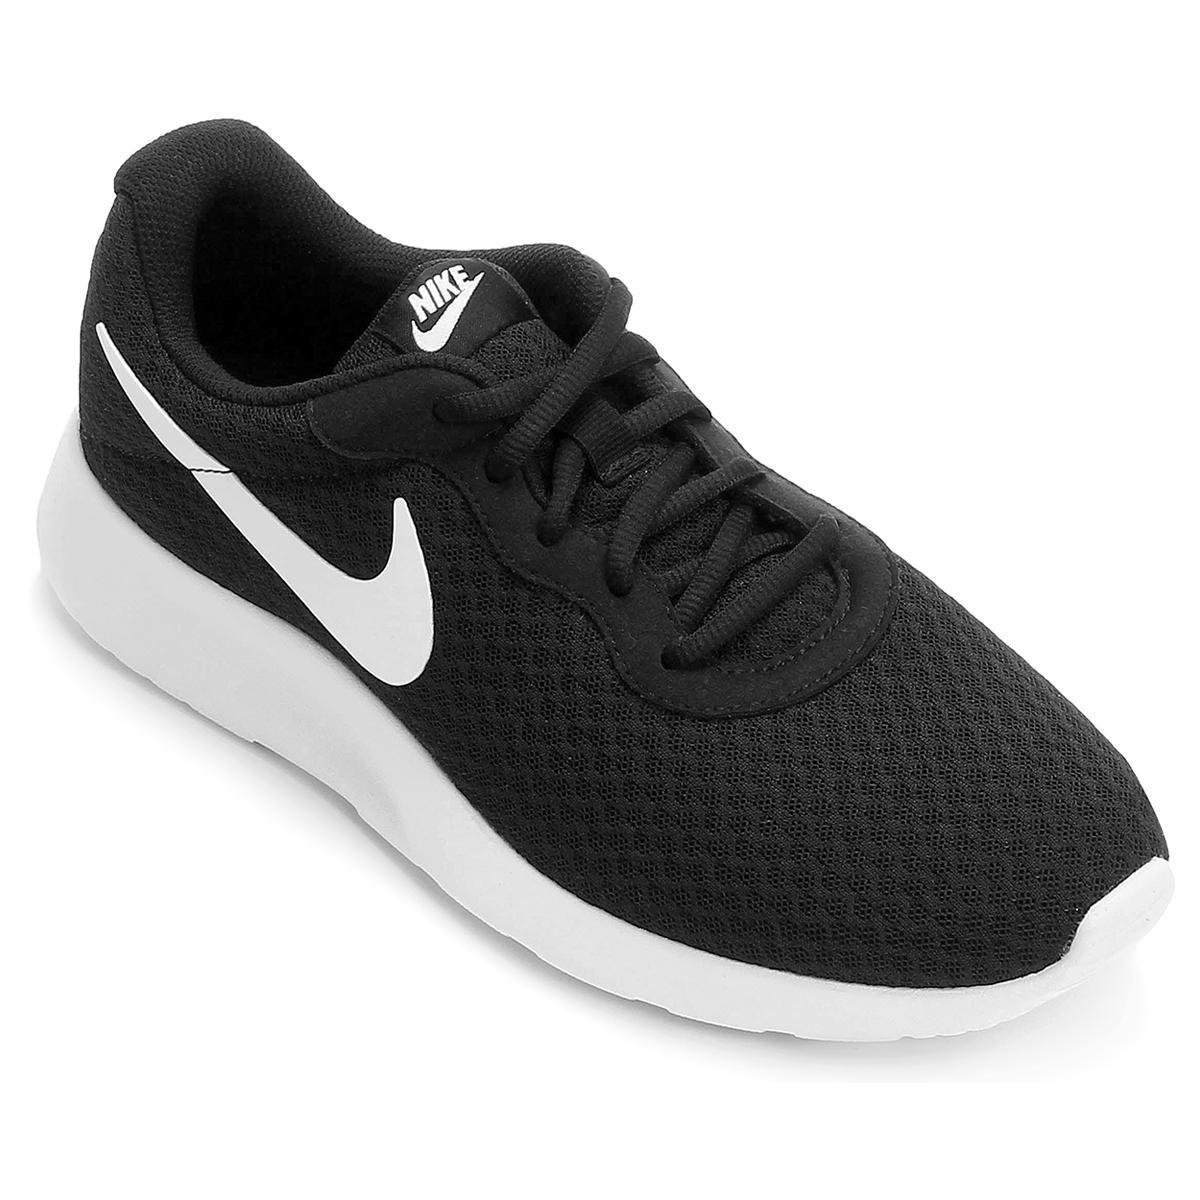 a354e942d81 Tênis Nike Tanjun Masculino - Preto e Branco - Compre Agora